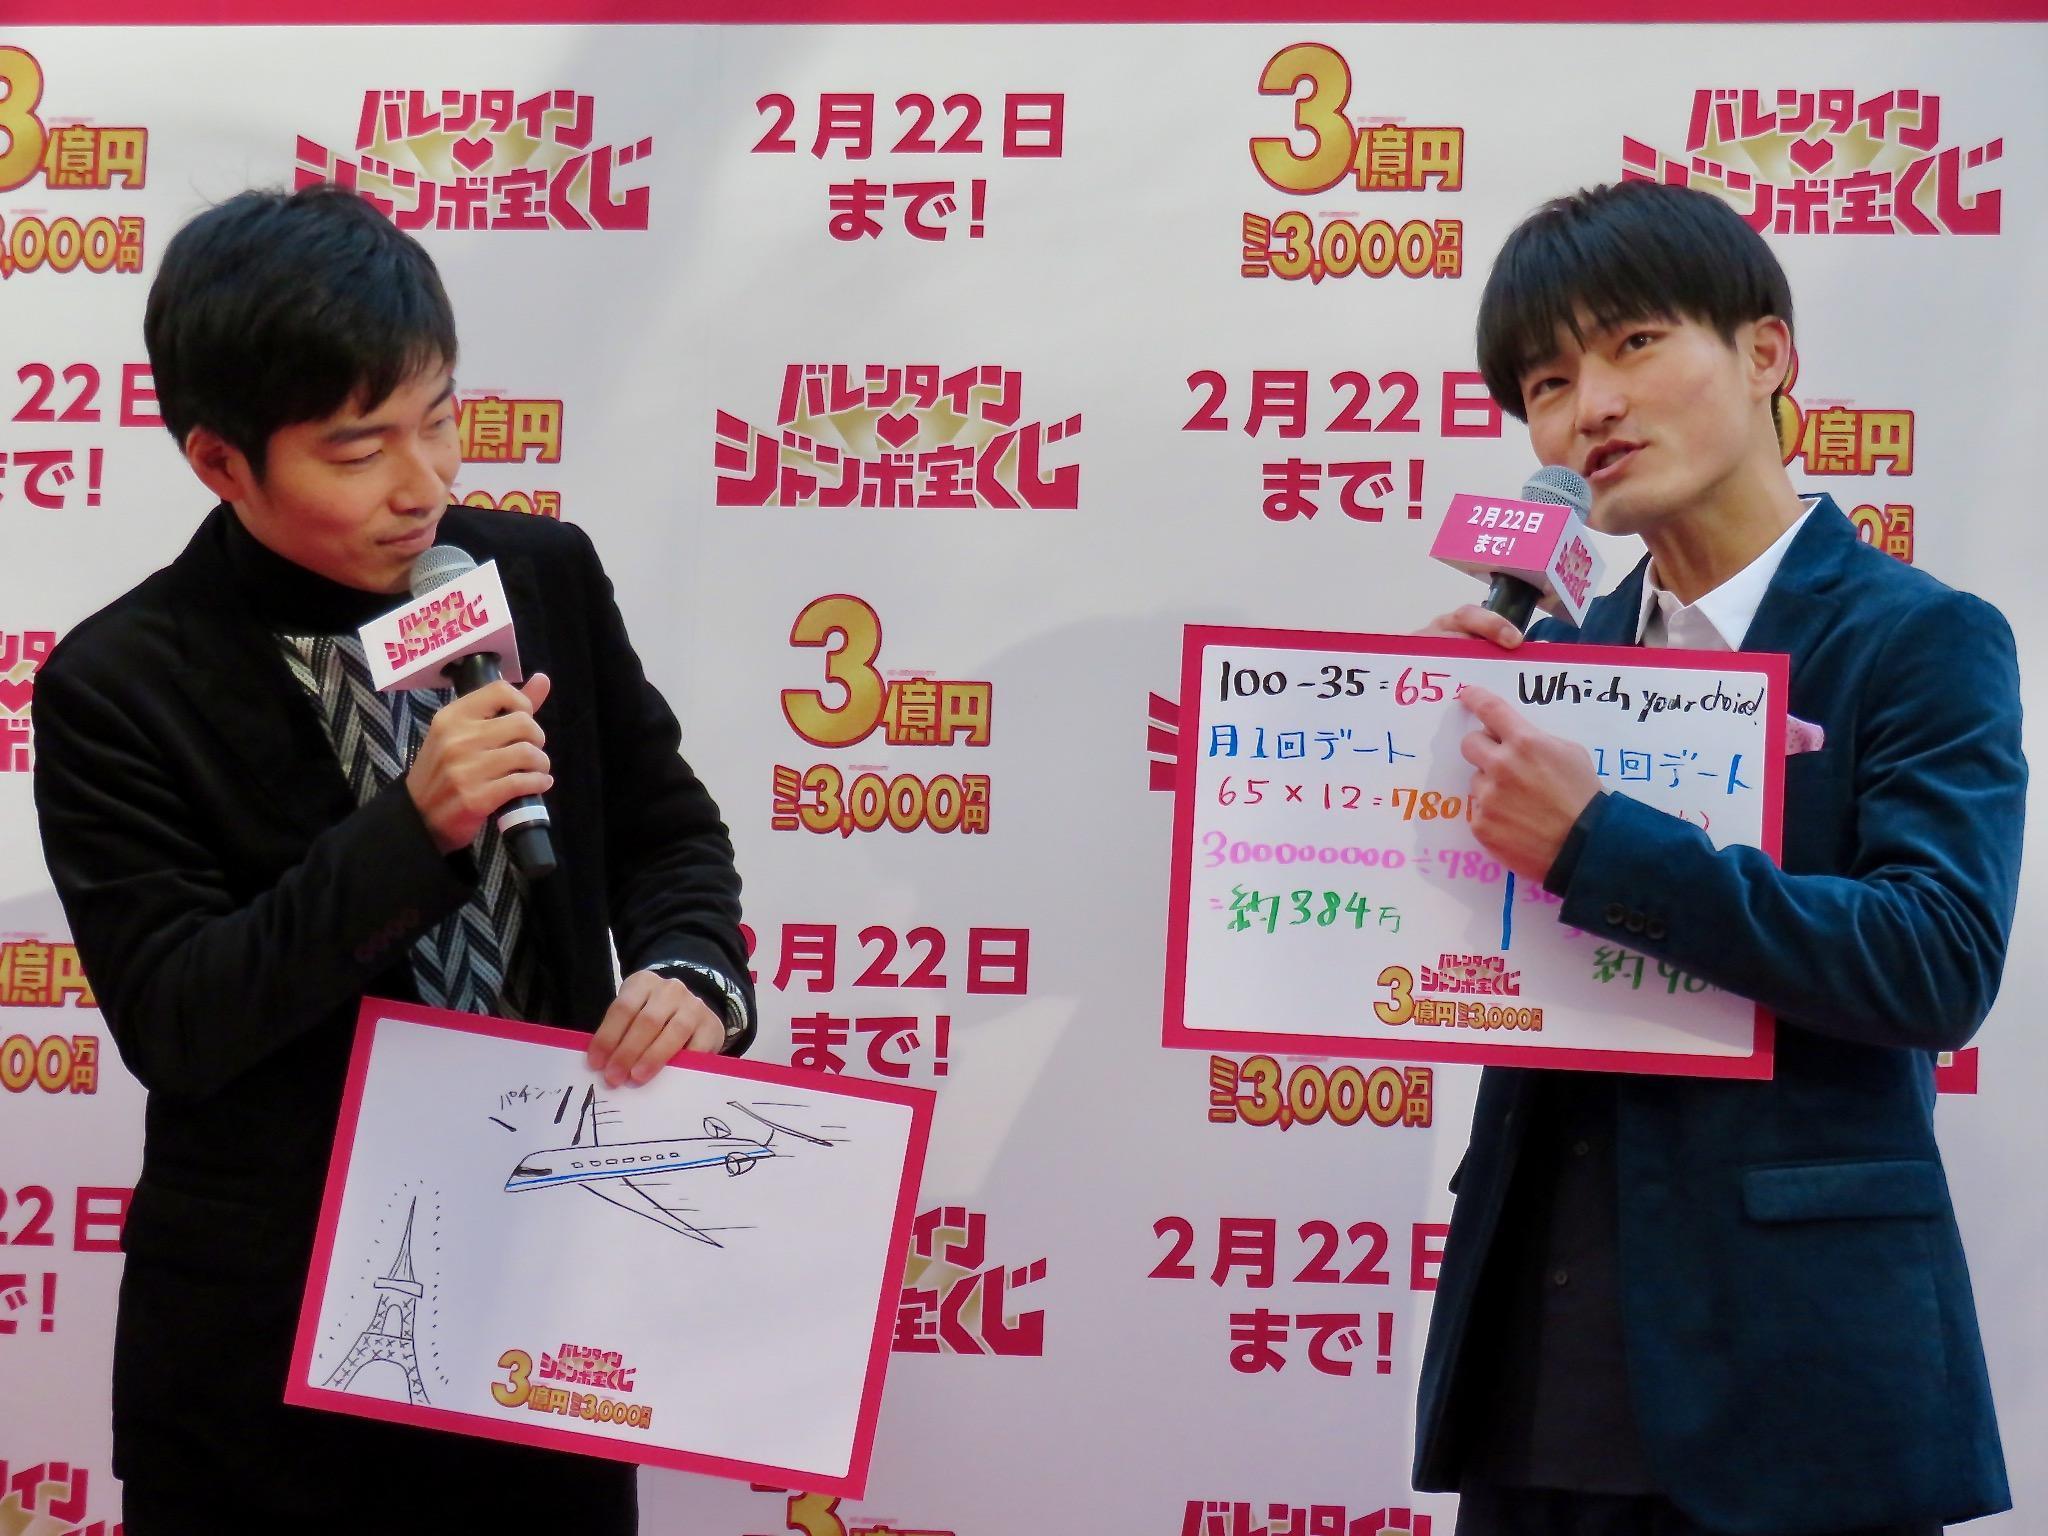 http://news.yoshimoto.co.jp/20190130164425-475ca871619a37a6c38dd50a539bf4940df8fd1a.jpeg